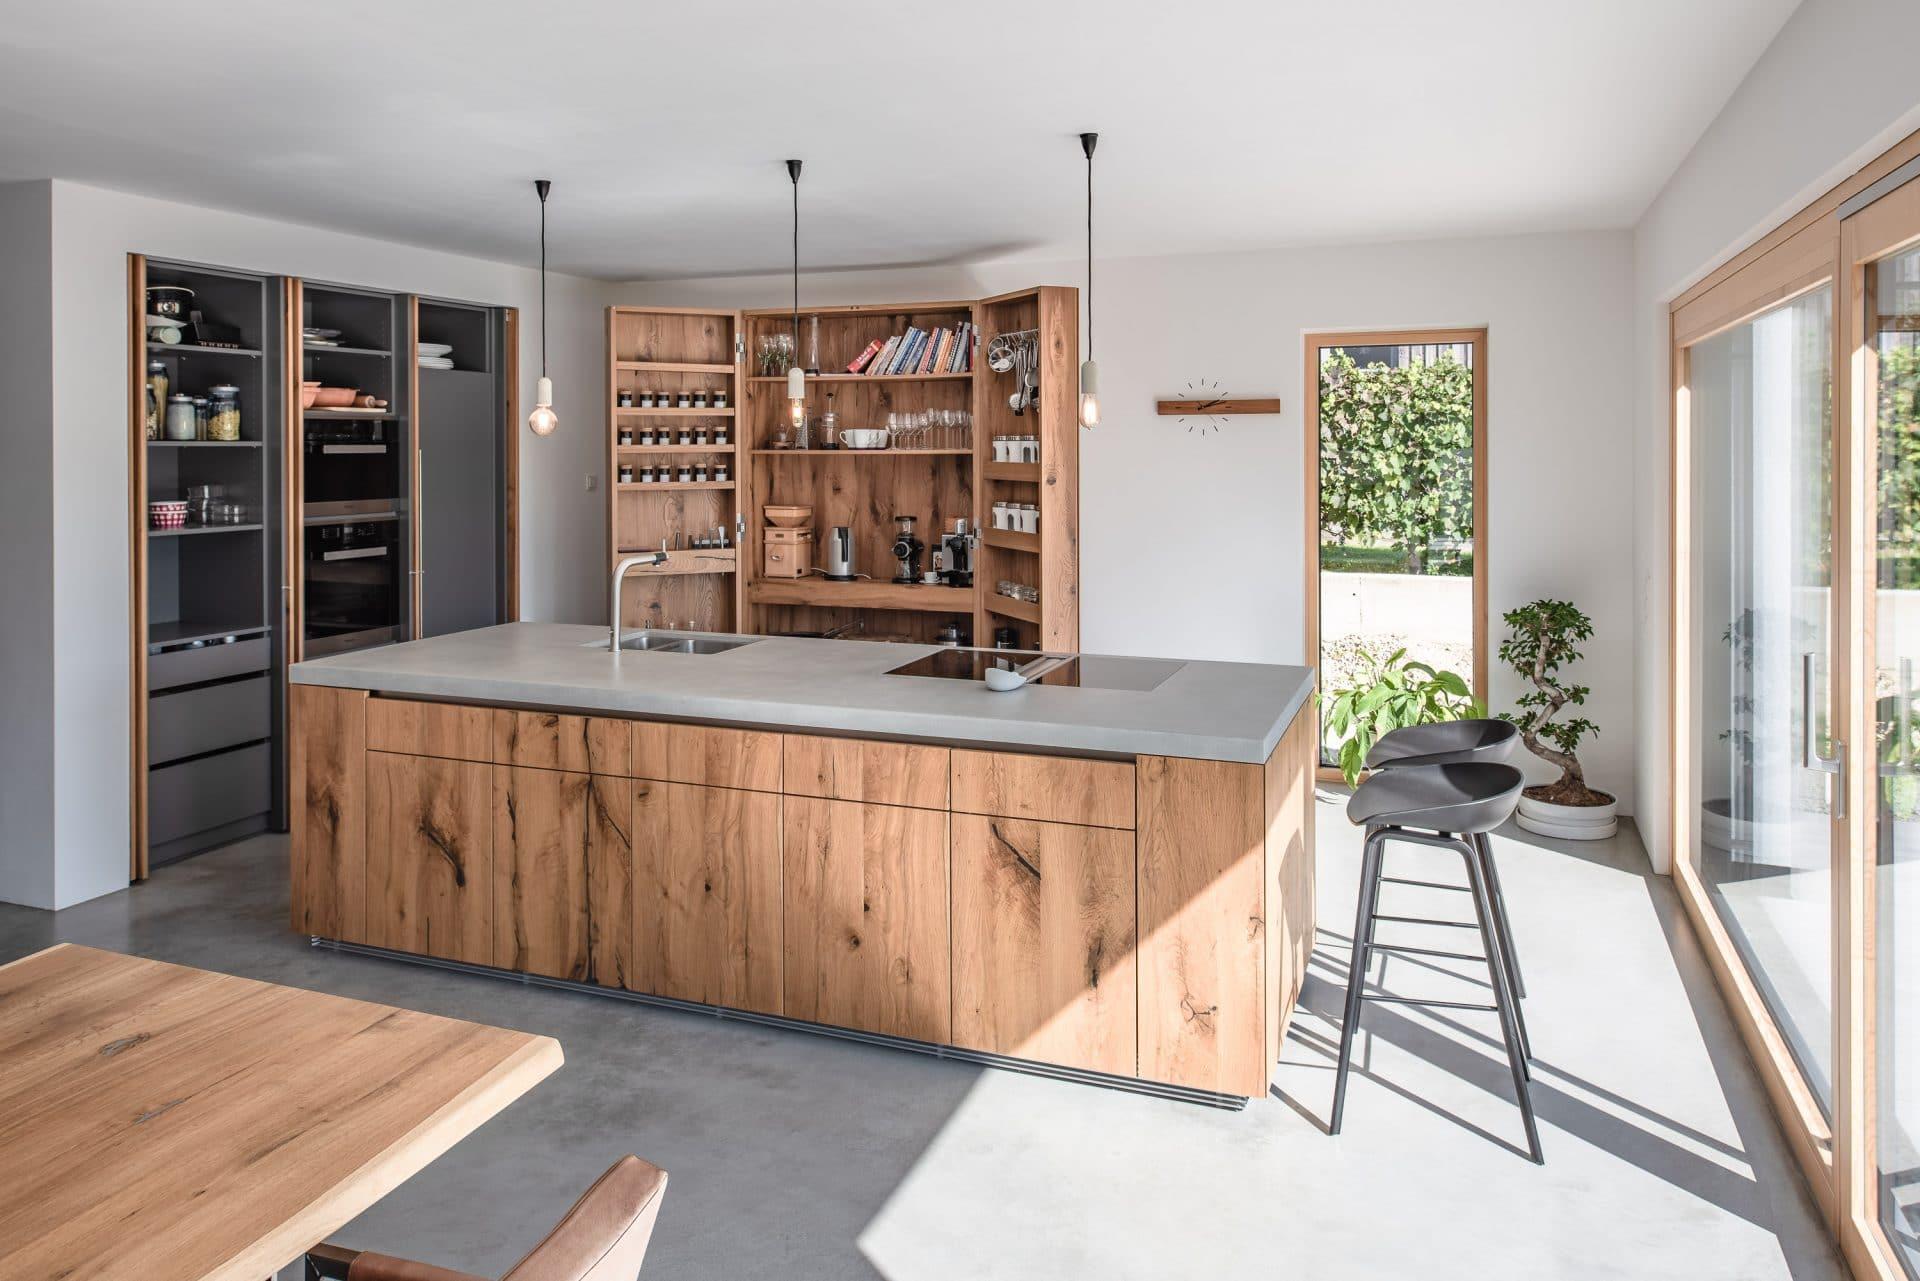 Küchendesign von VOIT aus rustikaler Eiche und Beton, im Hintergrund geöffnete Küchenschränke aus Eiche mit Einbaugeräten von Miele